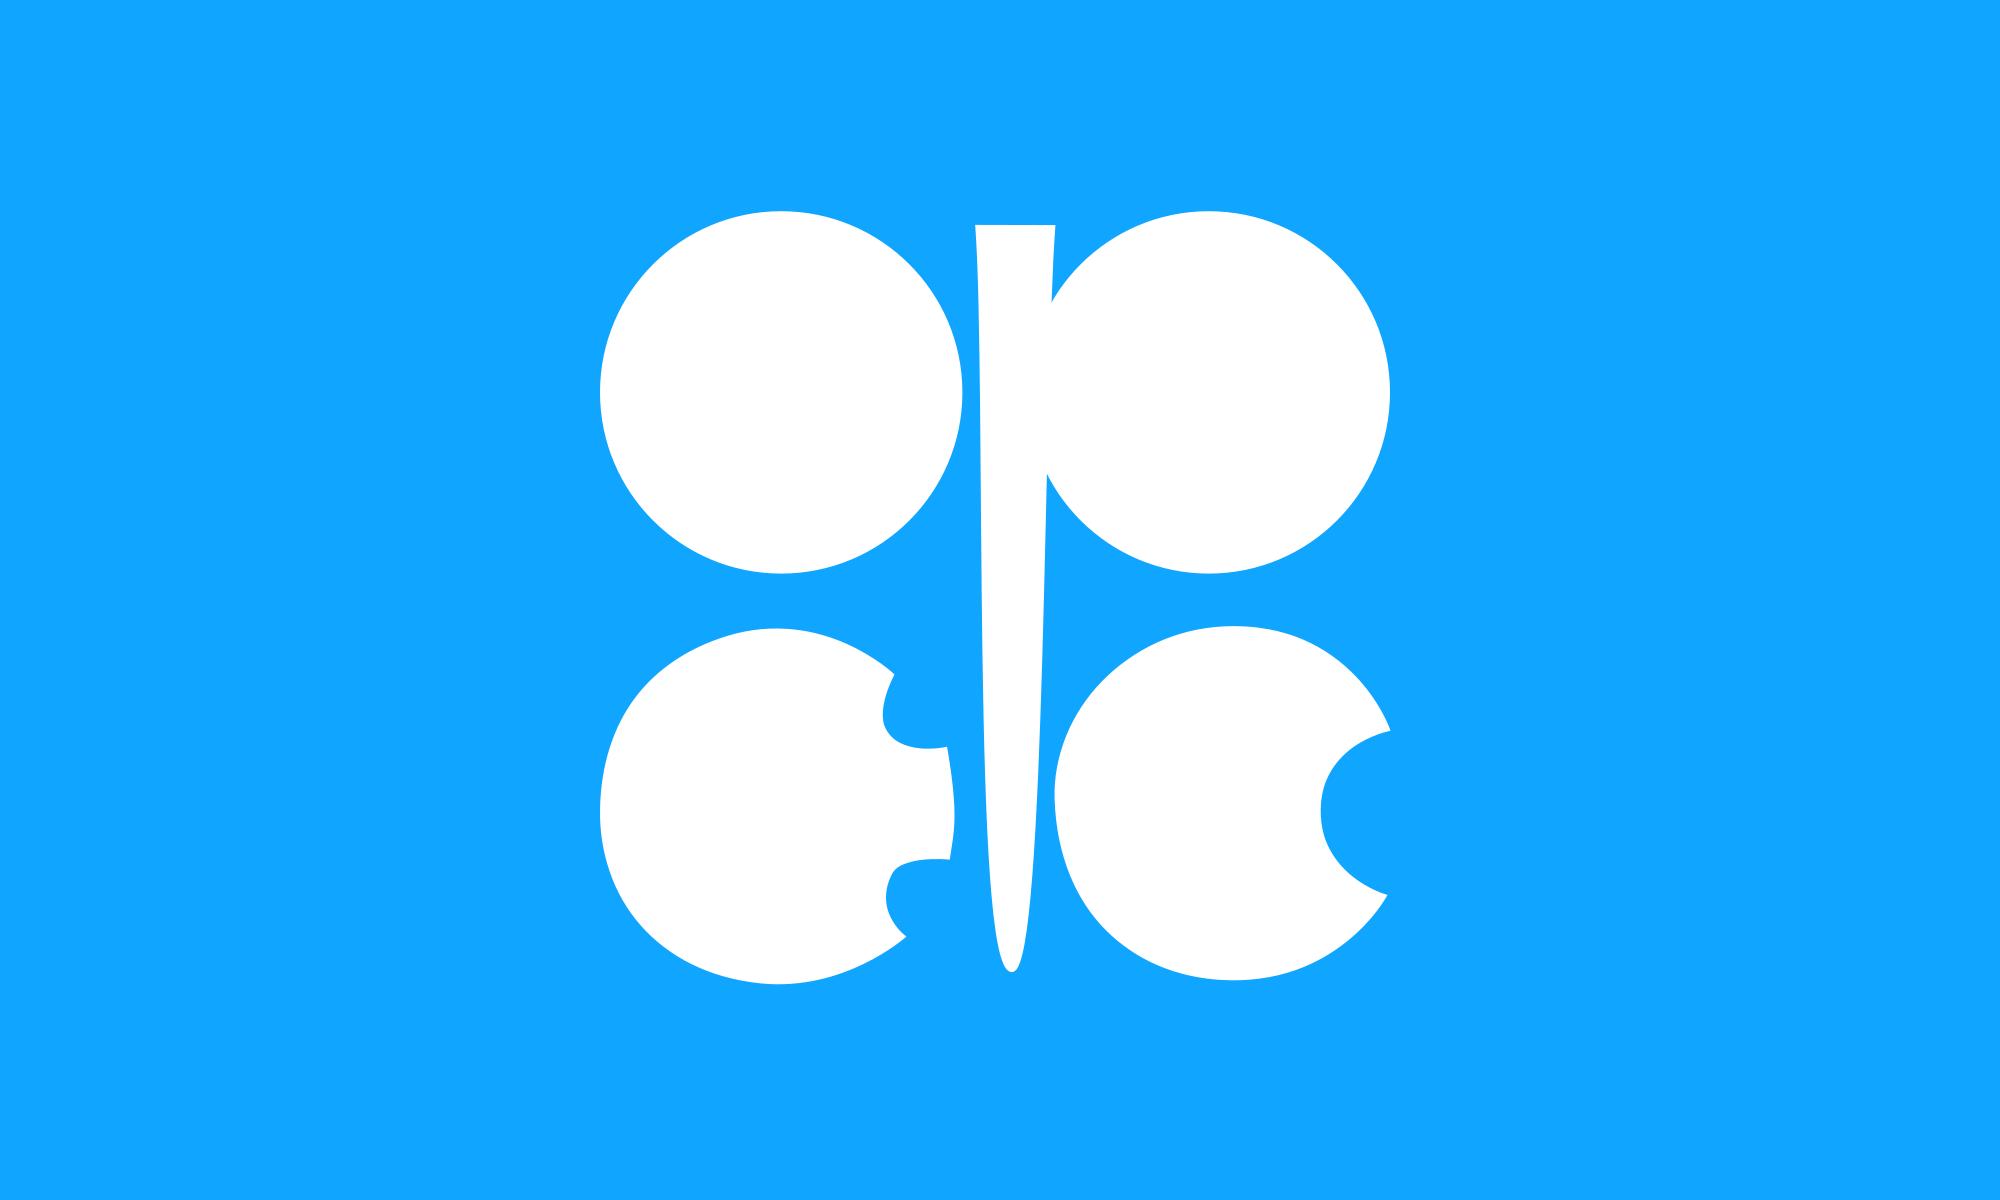 OPEC 加盟国一覧|世界貿易機関164カ国